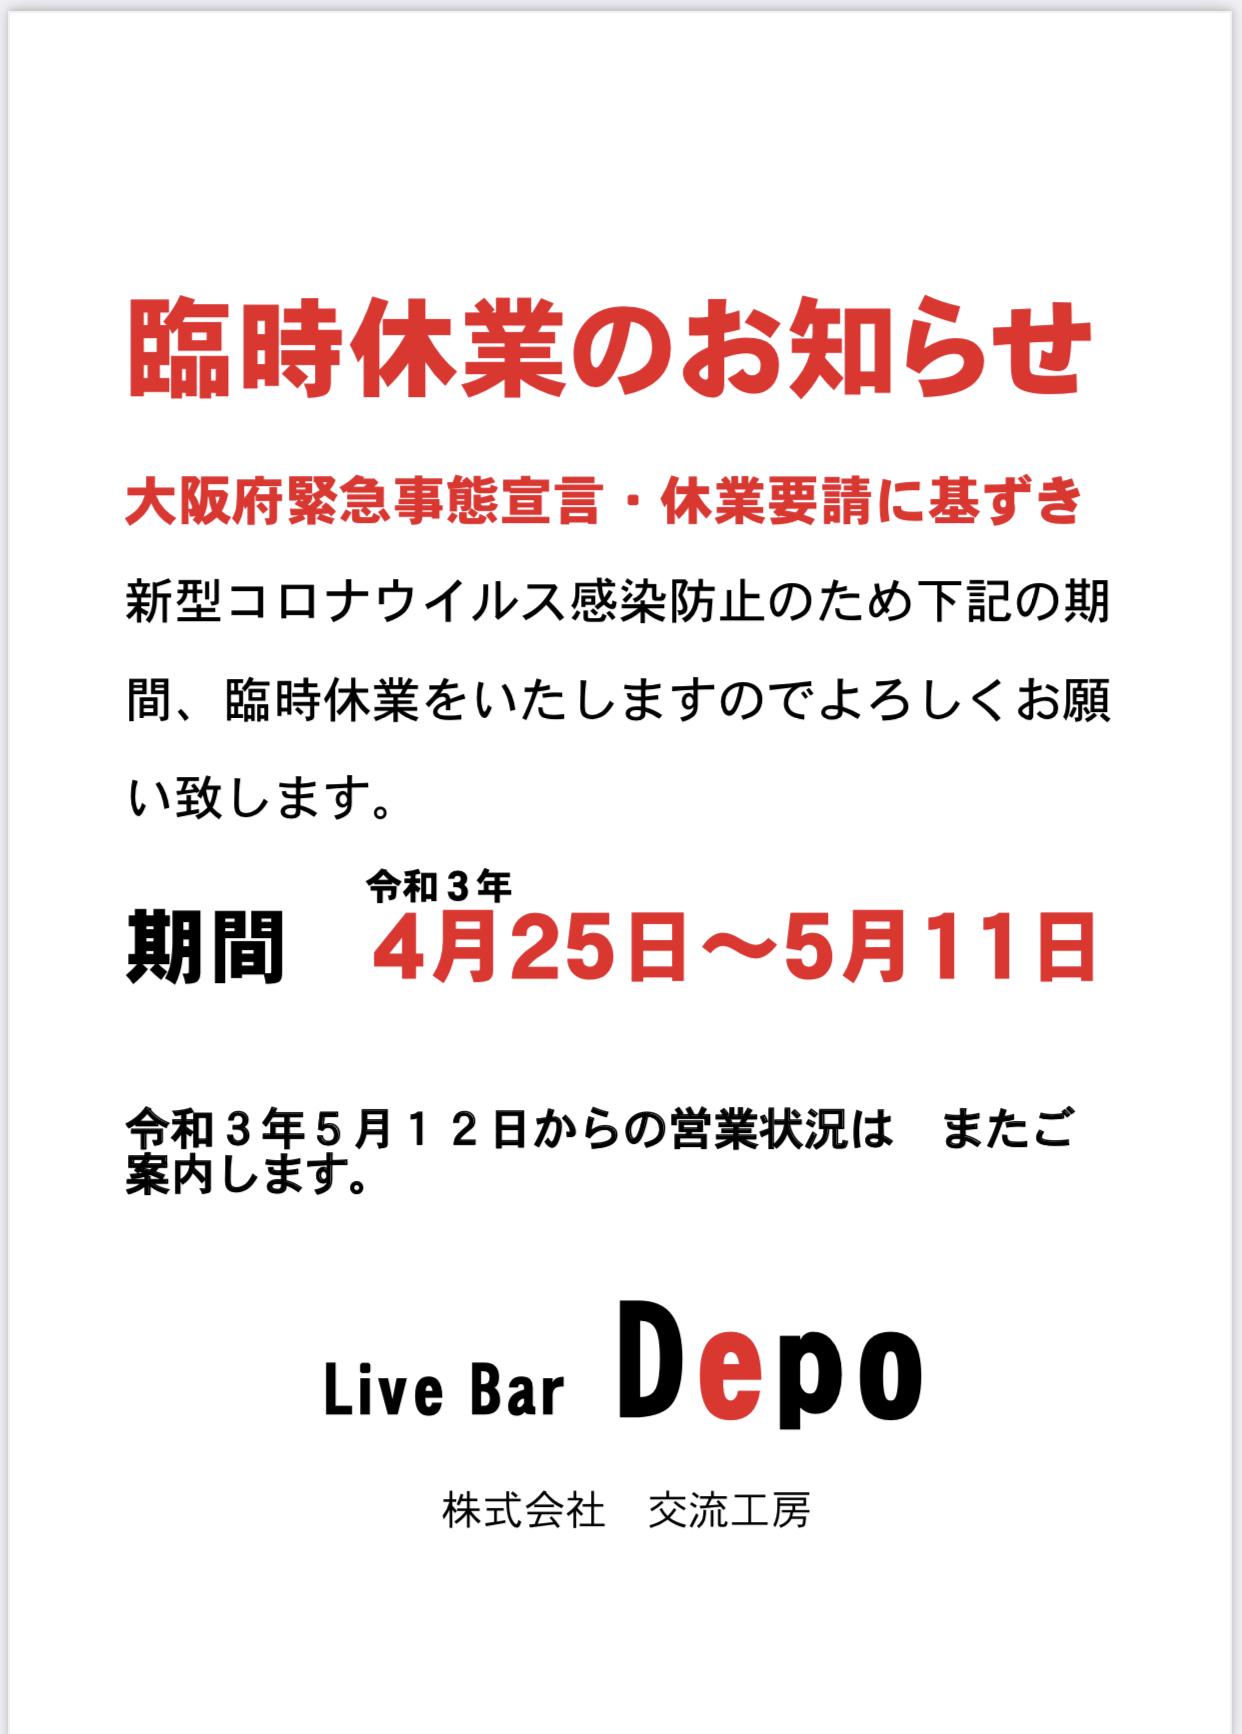 E8D9EE5C-8399-4912-9AD8-AEEEA3534F0C